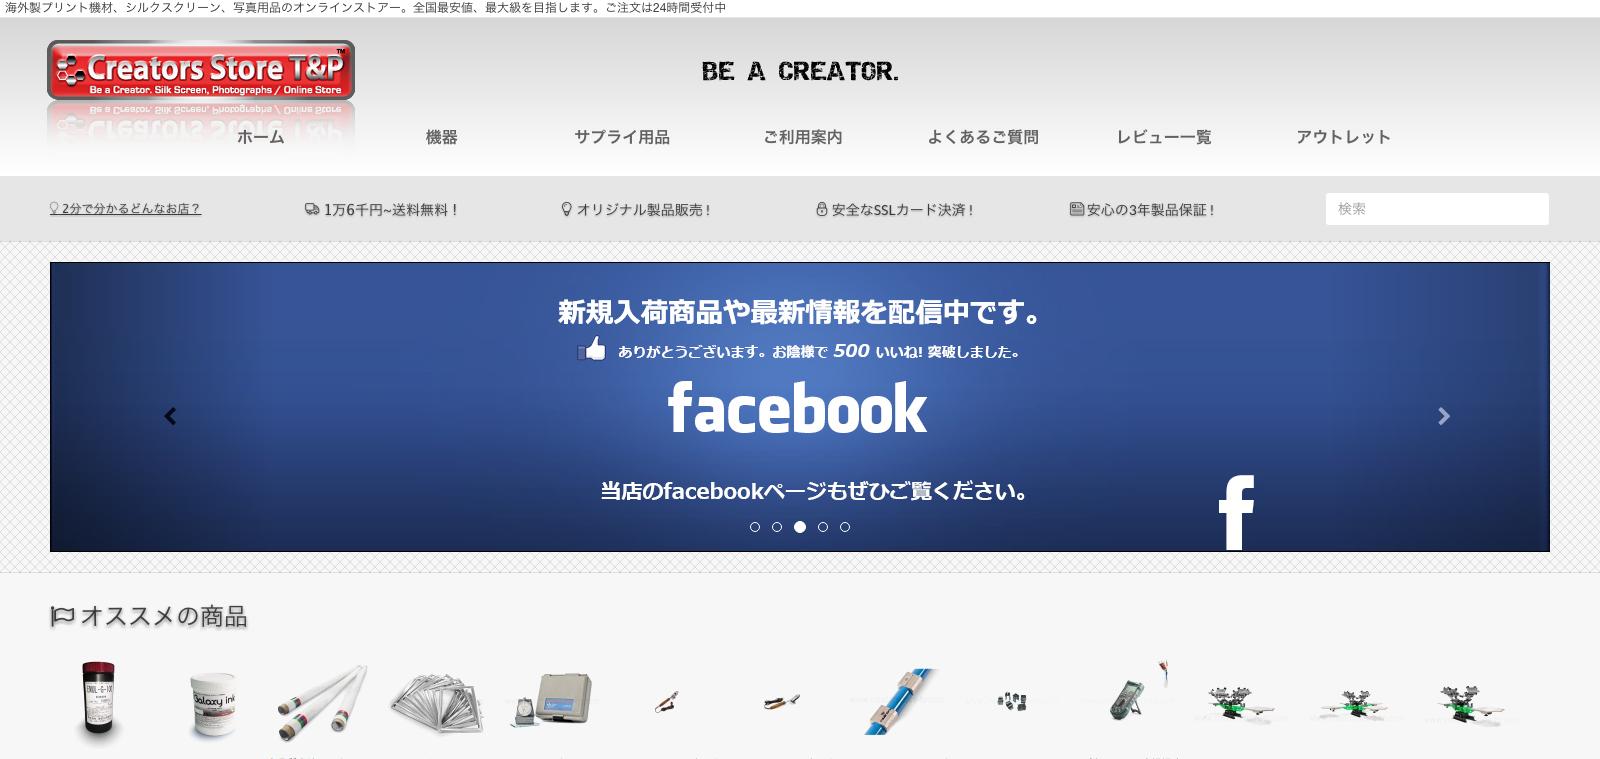 http://creatorsstore-tp.com/